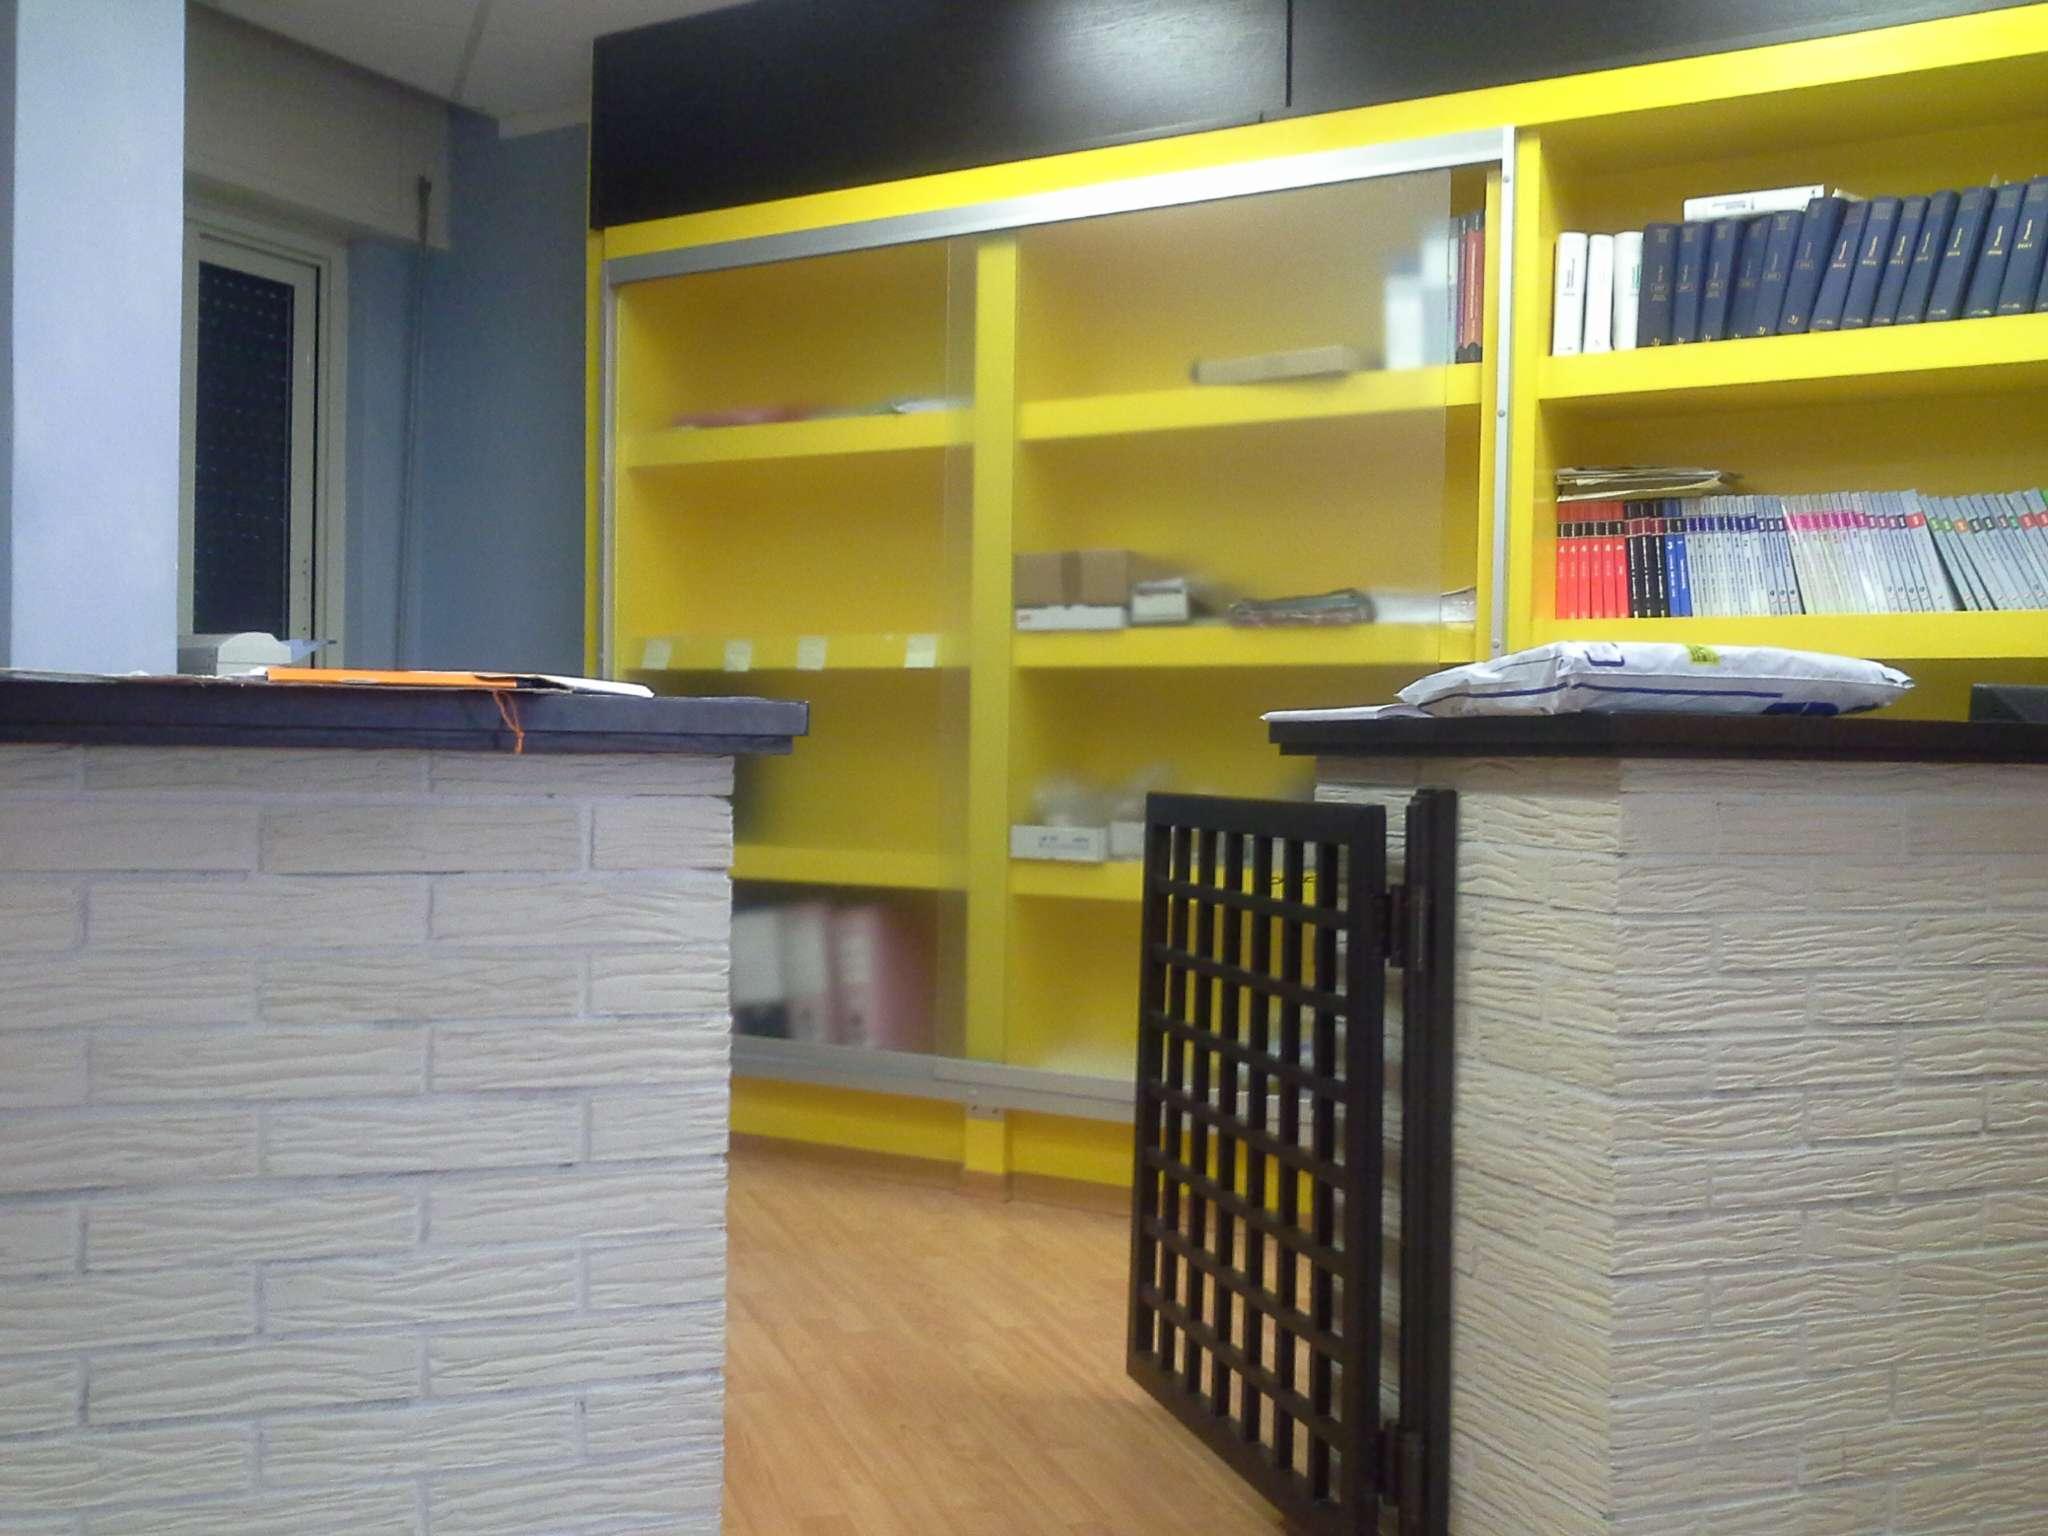 Ufficio / Studio in vendita a Frosinone, 9999 locali, prezzo € 250.000 | CambioCasa.it